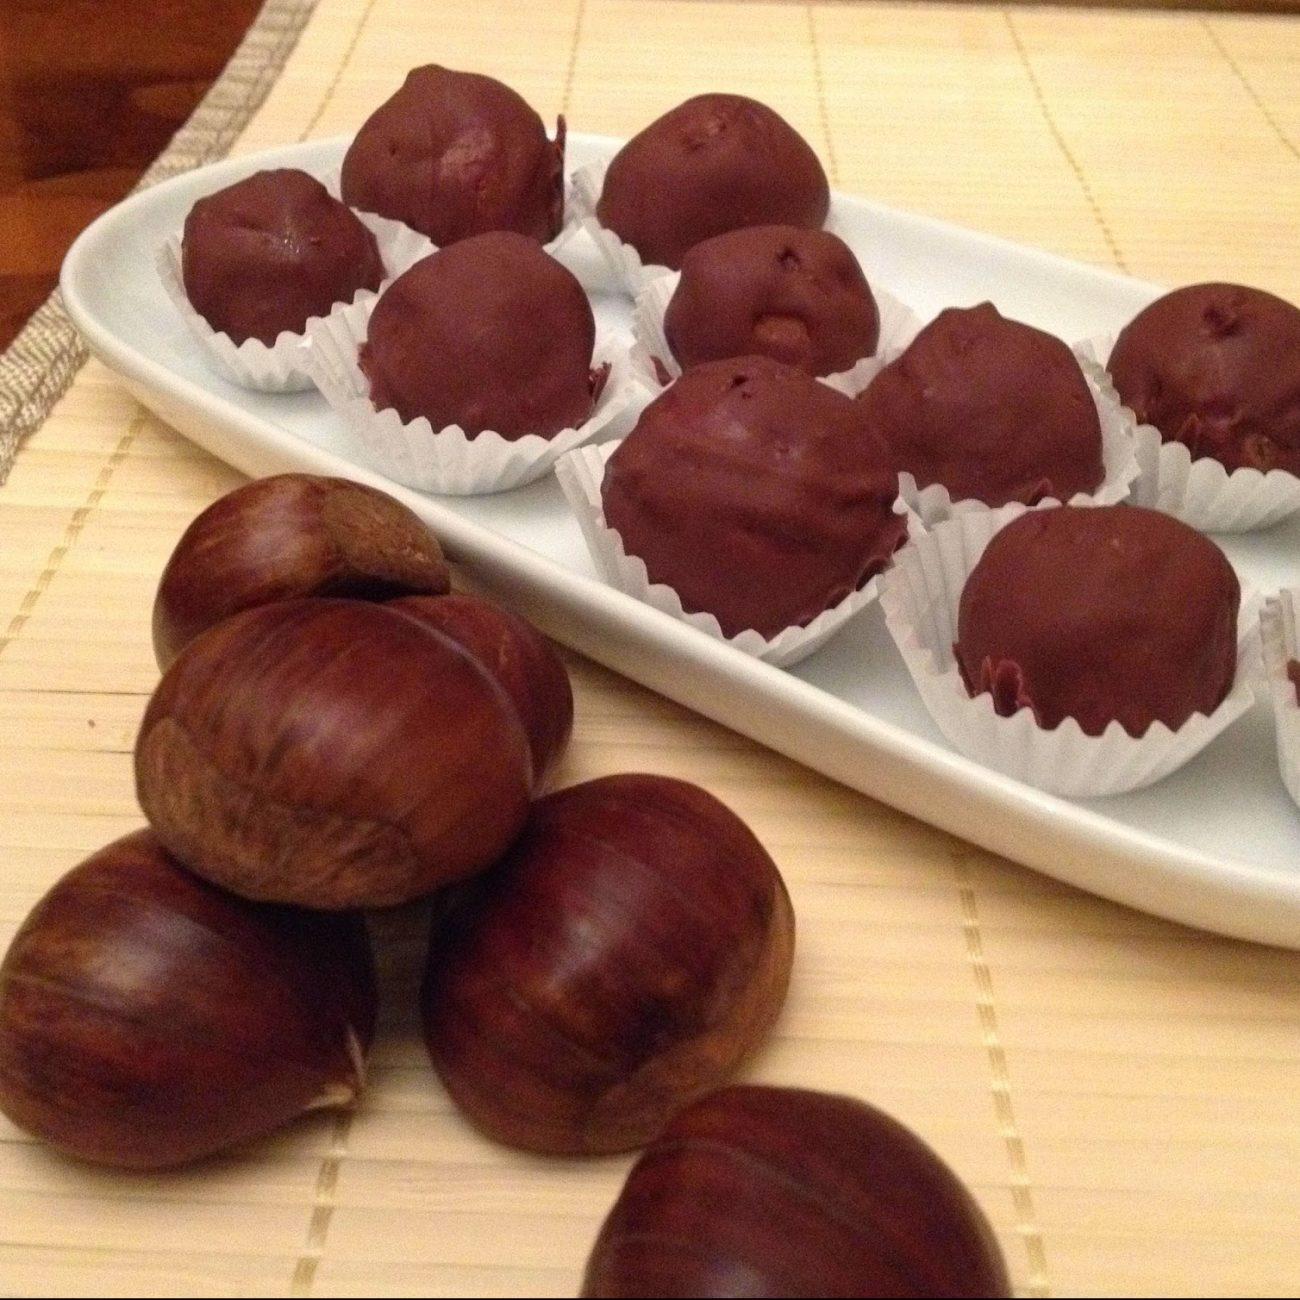 Praline di castagne affogate al cioccolato